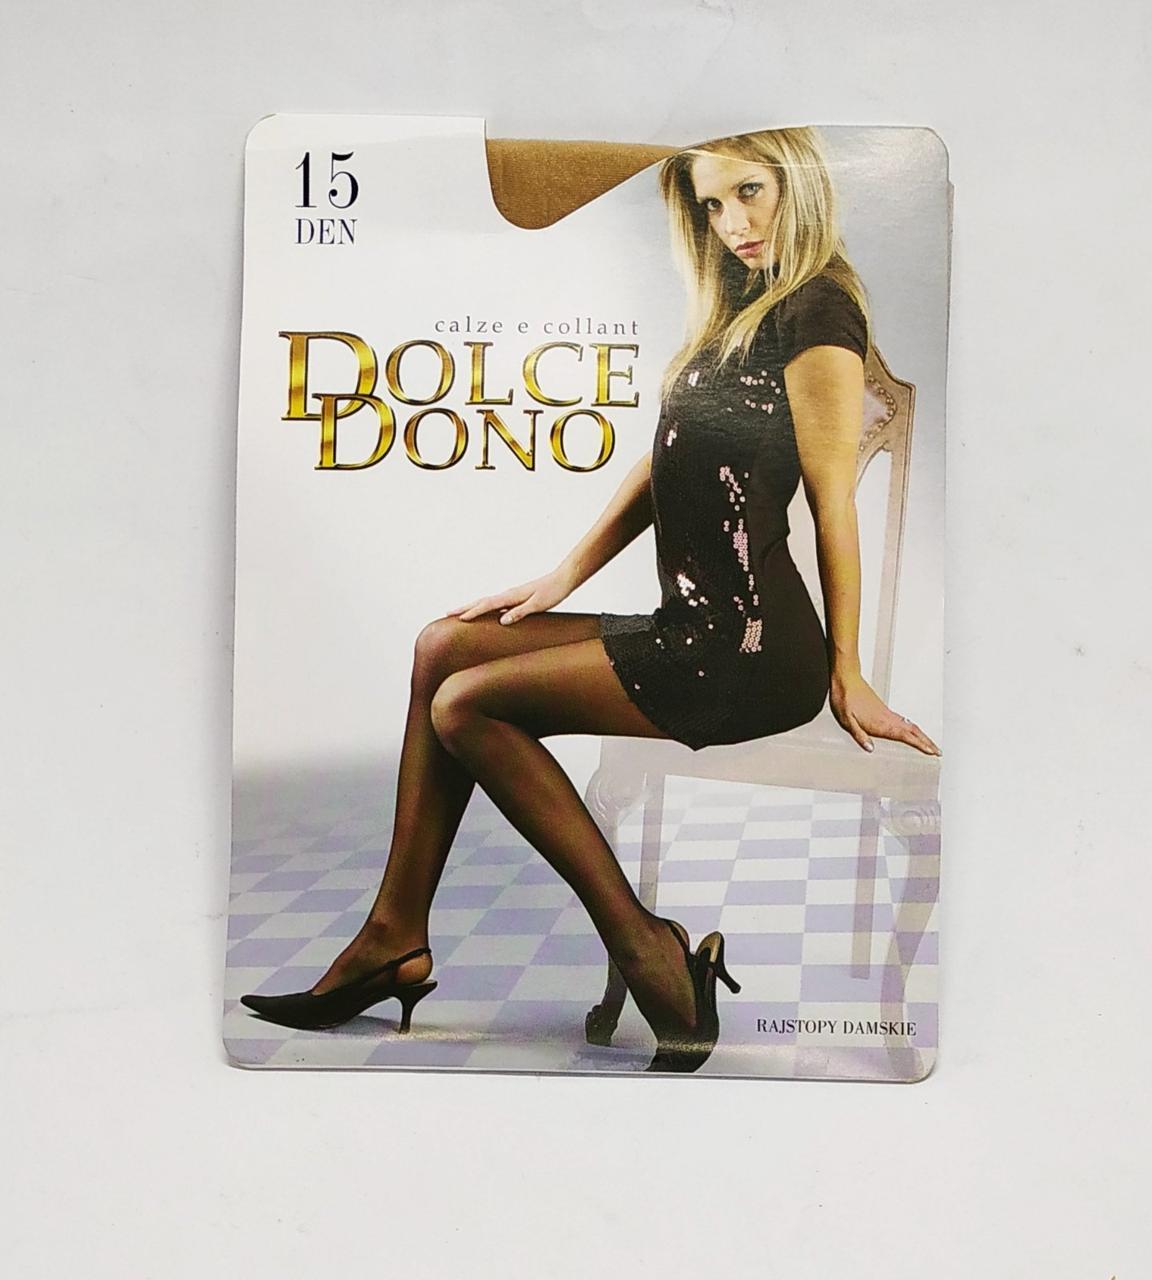 Колготки капроновые Dolce Dono 15 DEN бежевые